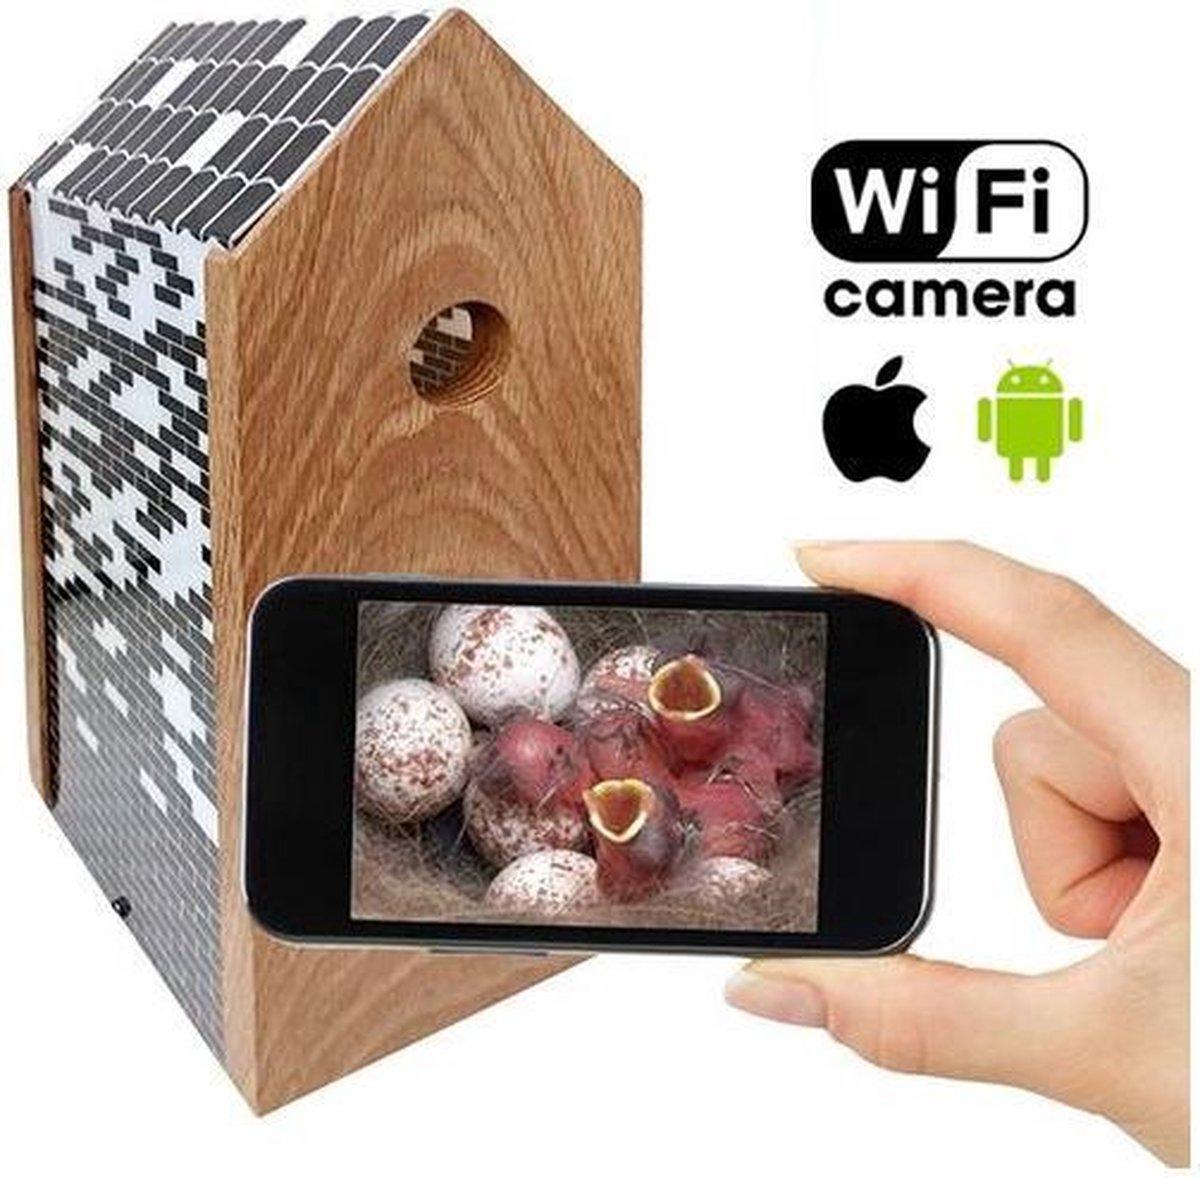 Meuwissen Agro Vogelhuisje Bricks met WiFi Camera - Vogelhuisje - Meuwissen Agro